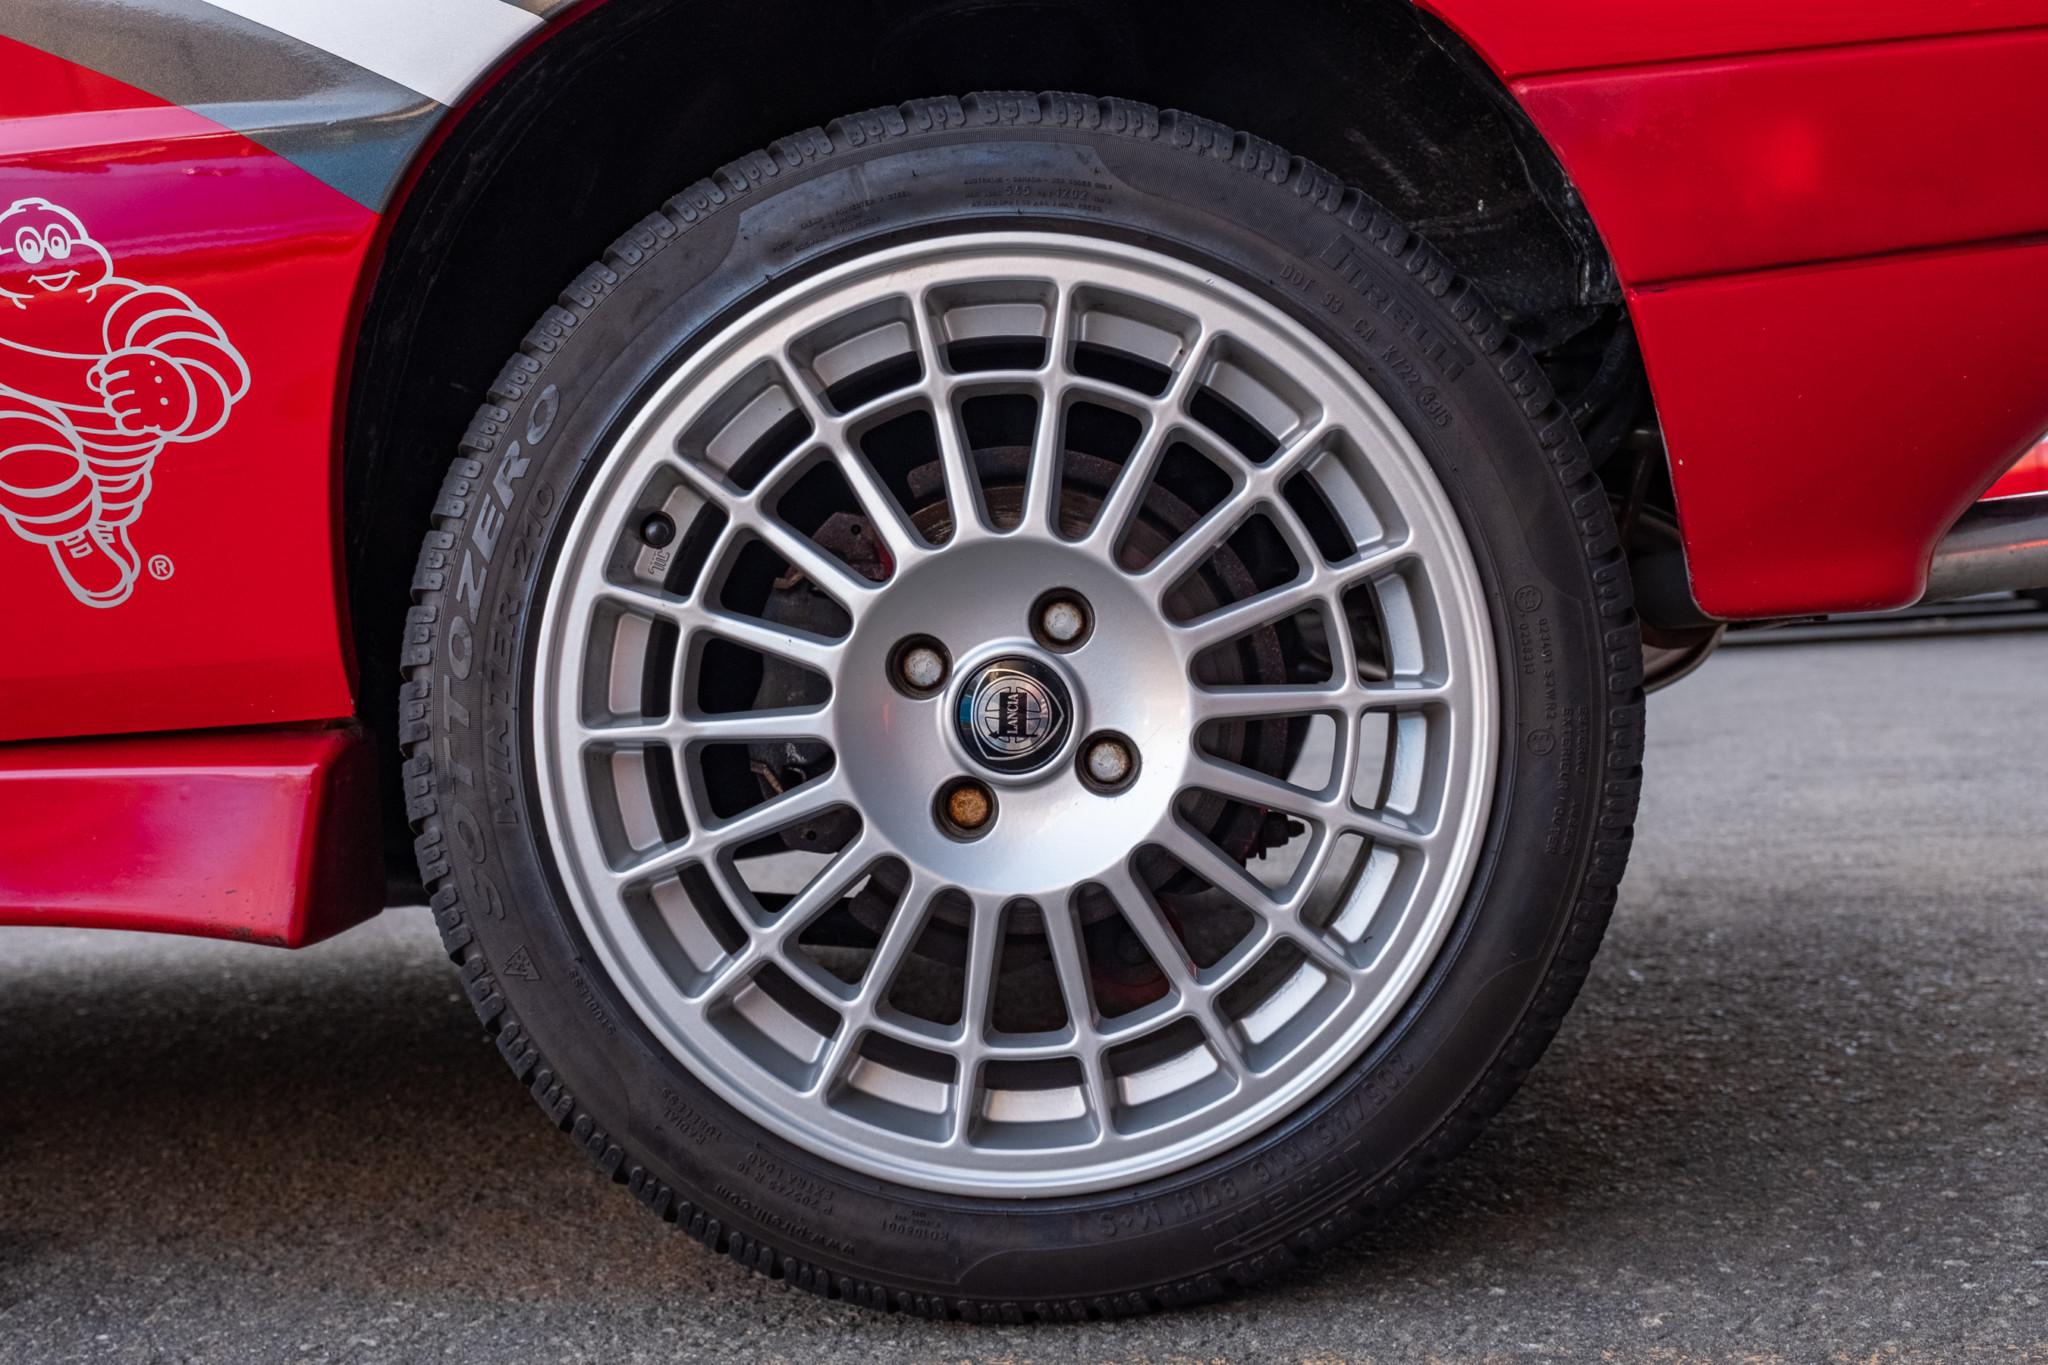 Lancia-Delta-Integrale-1989-for-sale-13